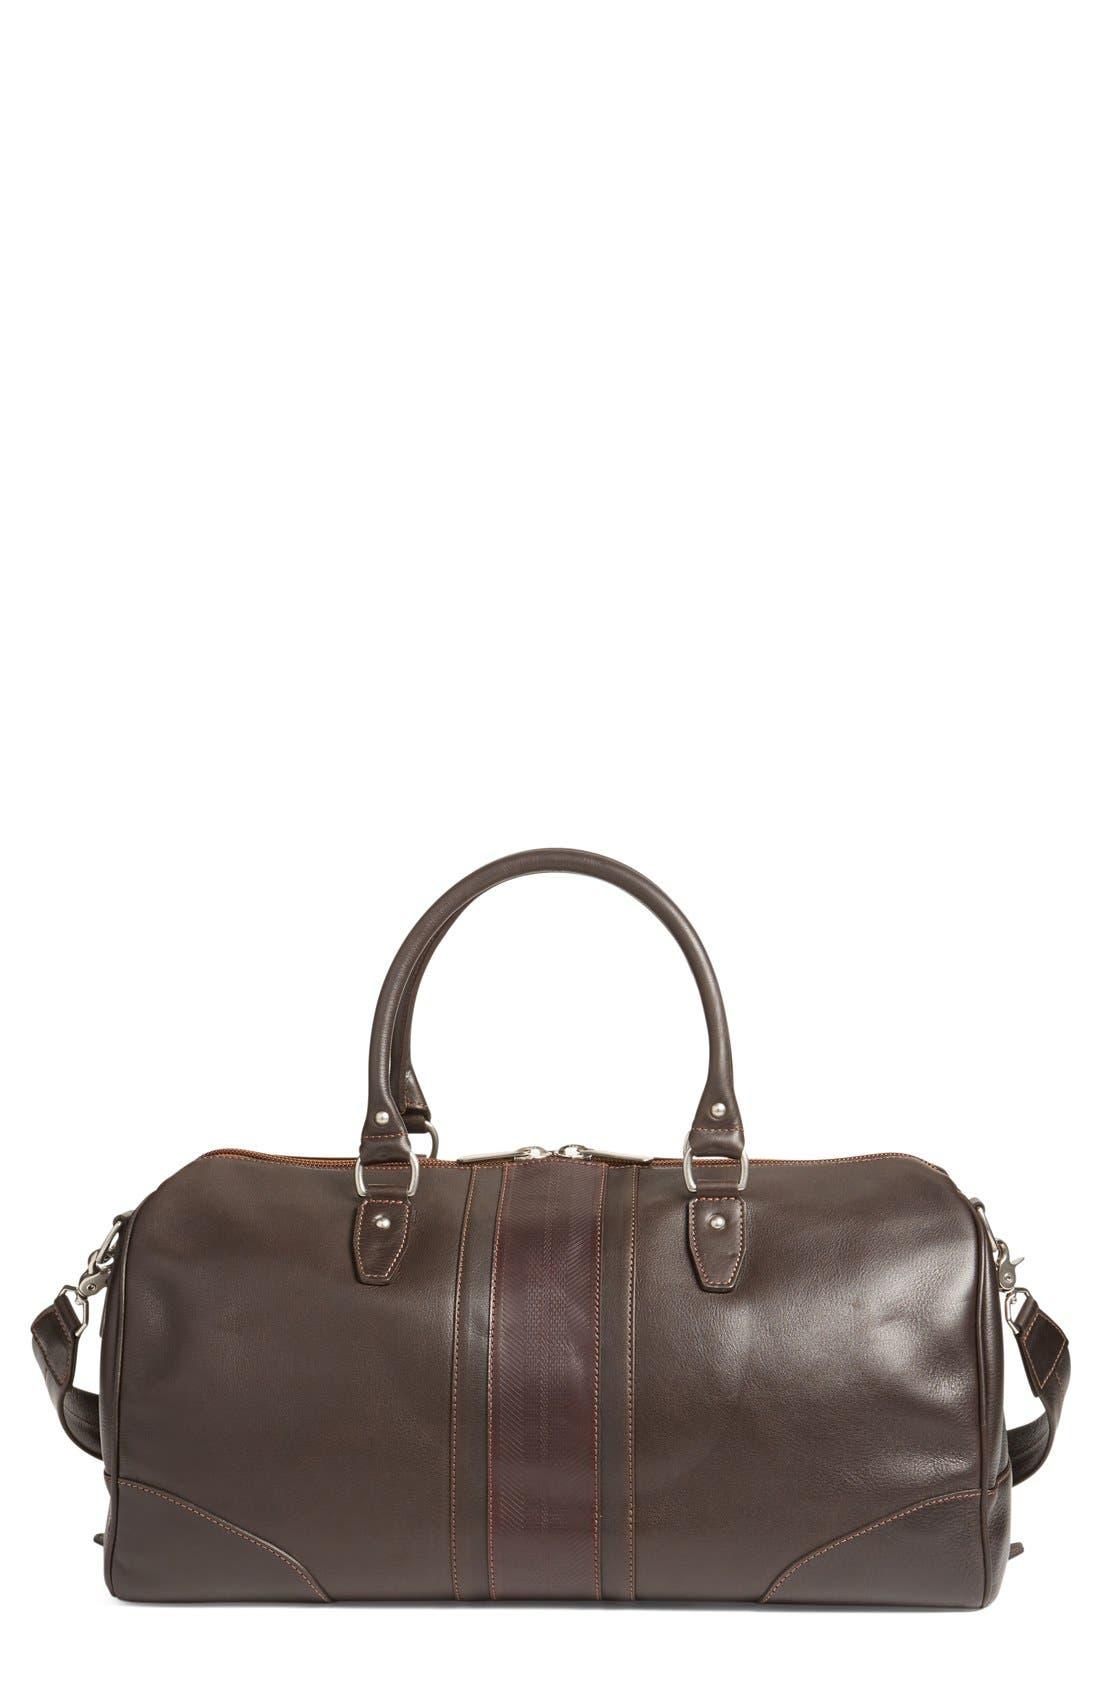 Main Image - Martin Dingman 'Polocrosse' Duffel Bag